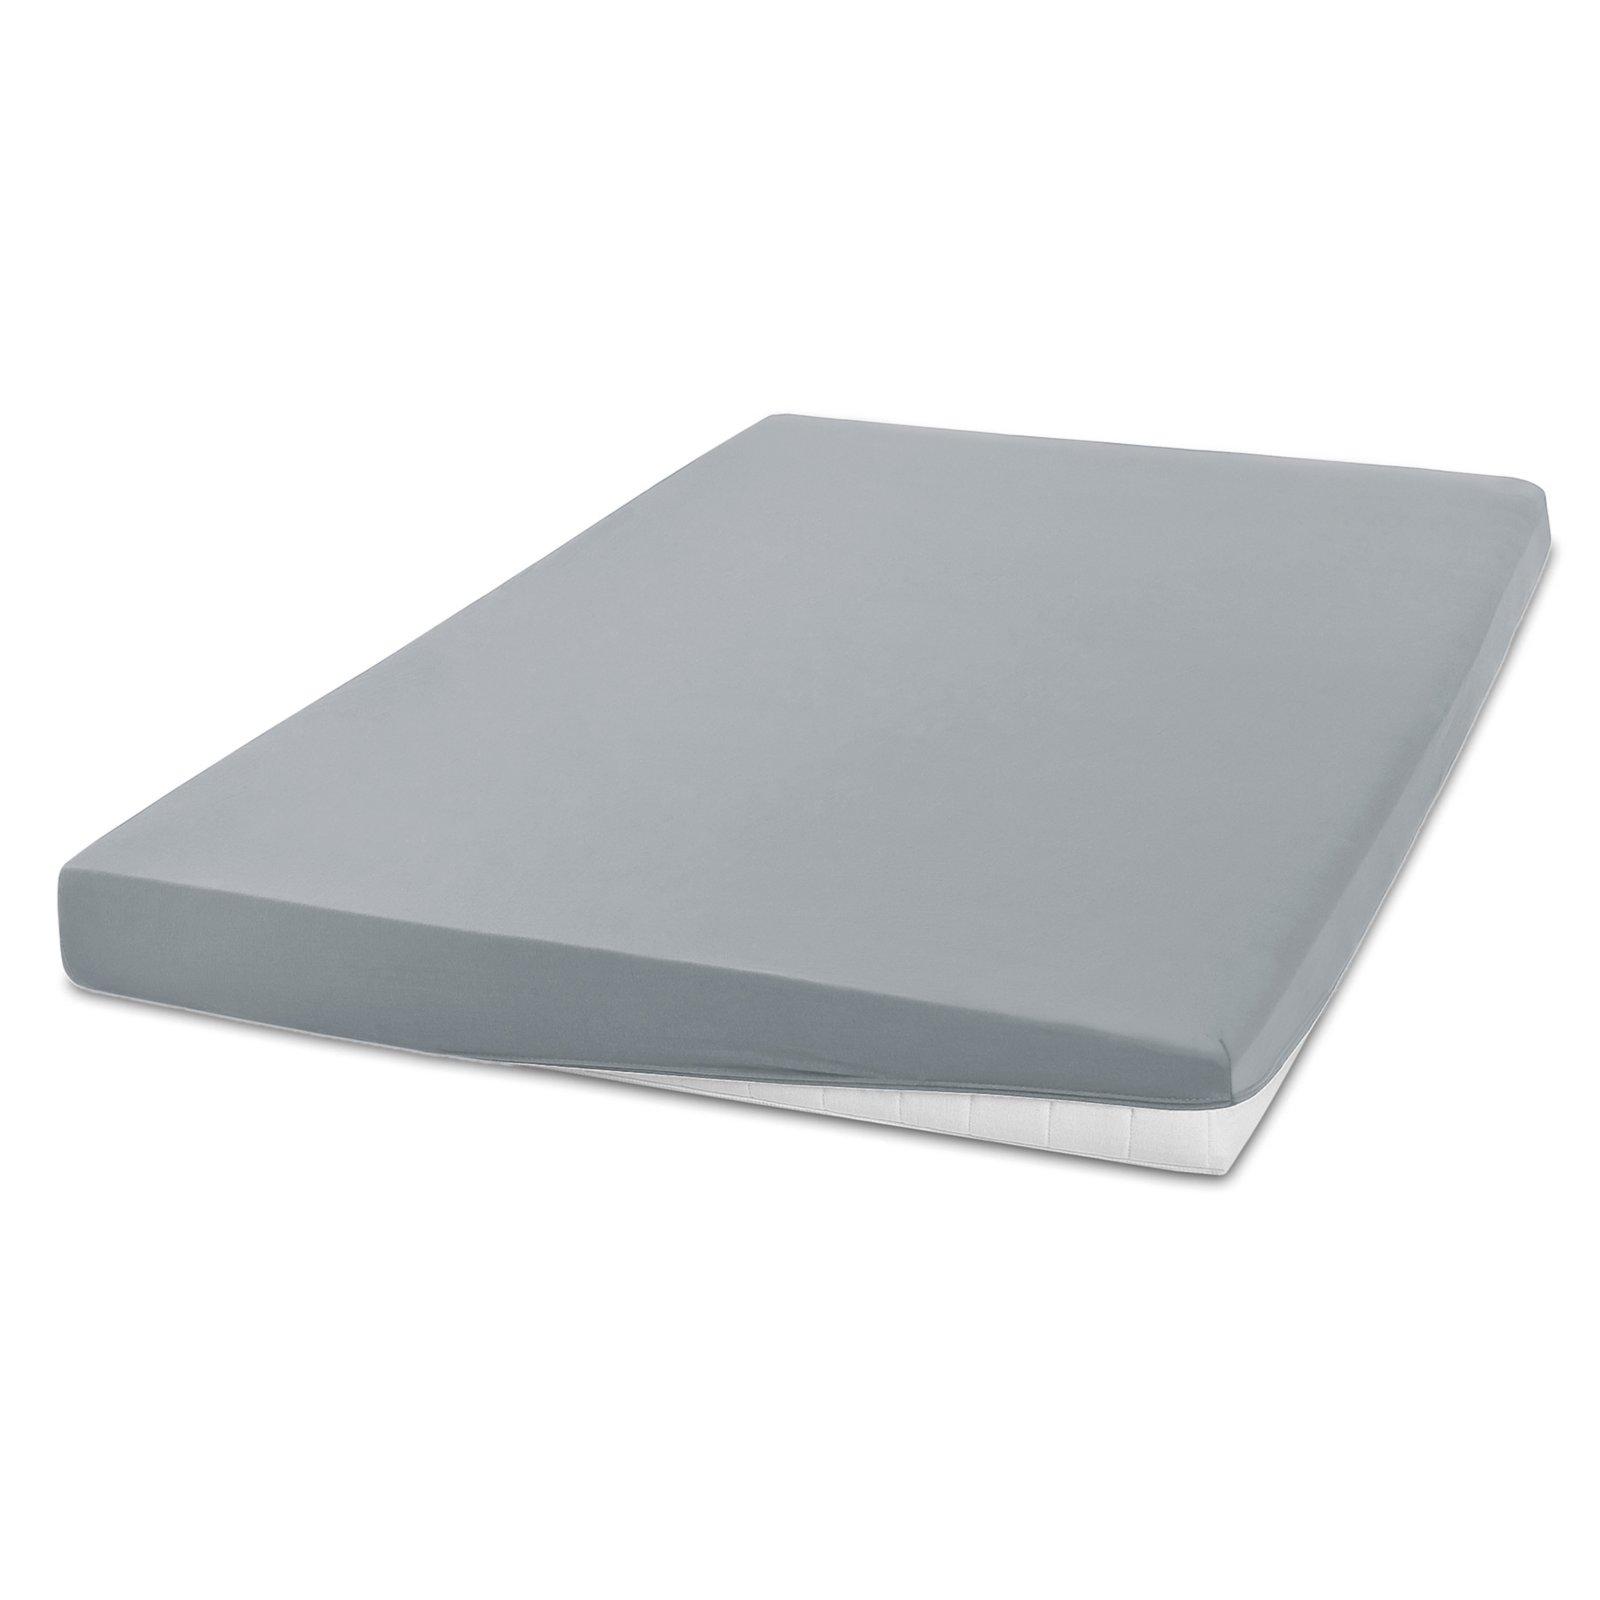 Elastic-Jersey-Spannbettlaken EXCLUSIV - silber - 90x200 cm